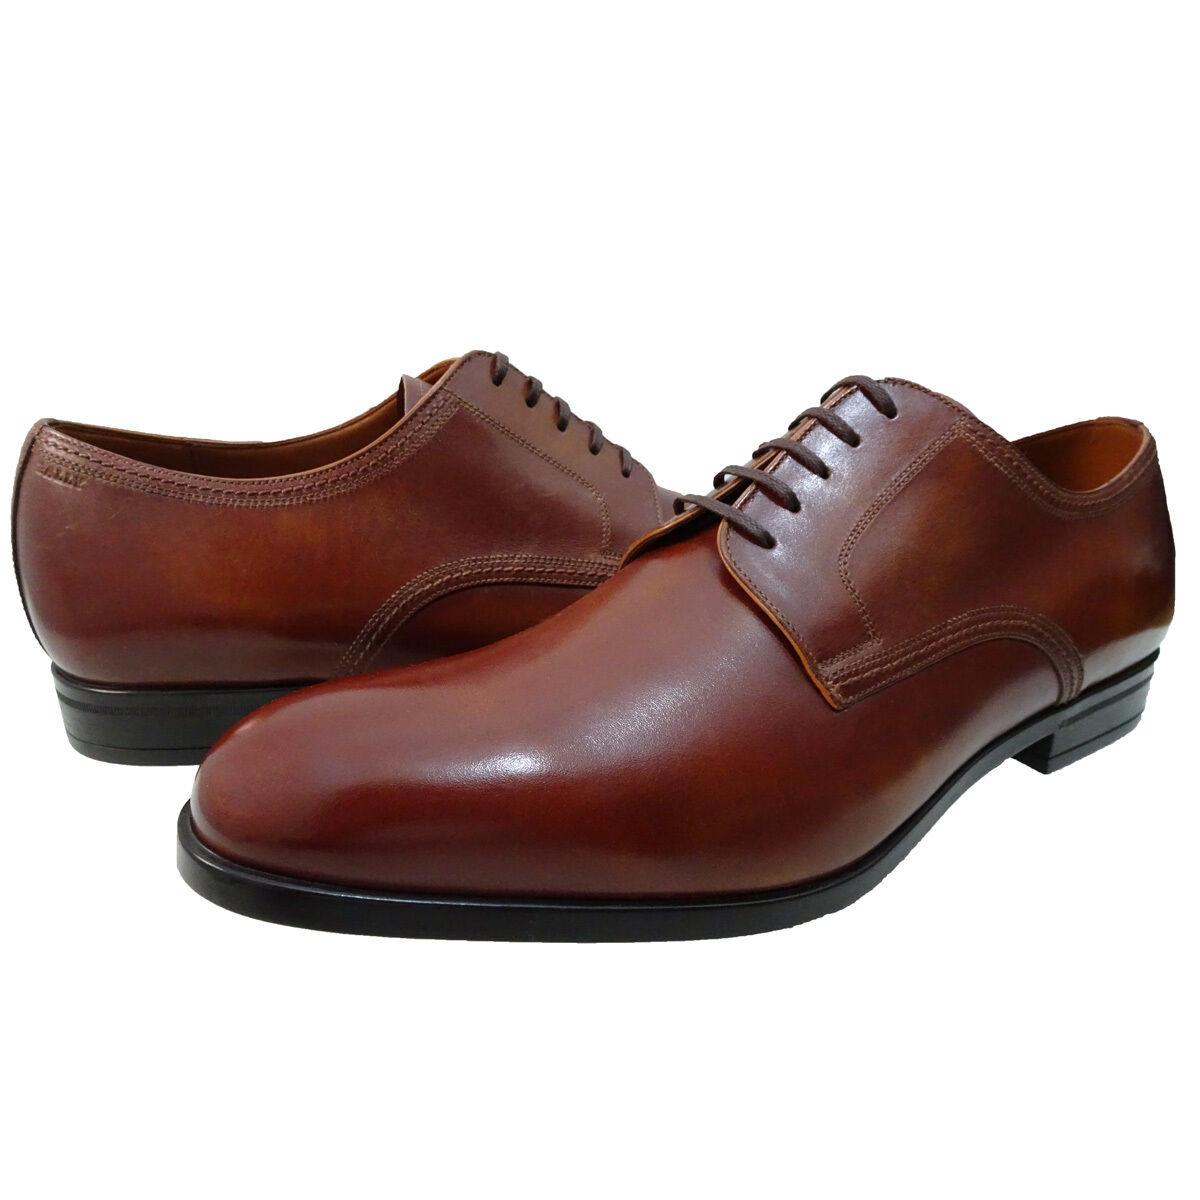 autorizzazione ufficiale Bally Uomo Latour Derby Lace Up Business Casual Casual Casual Oxfords Fashion Dress scarpe  risparmia il 35% - 70% di sconto